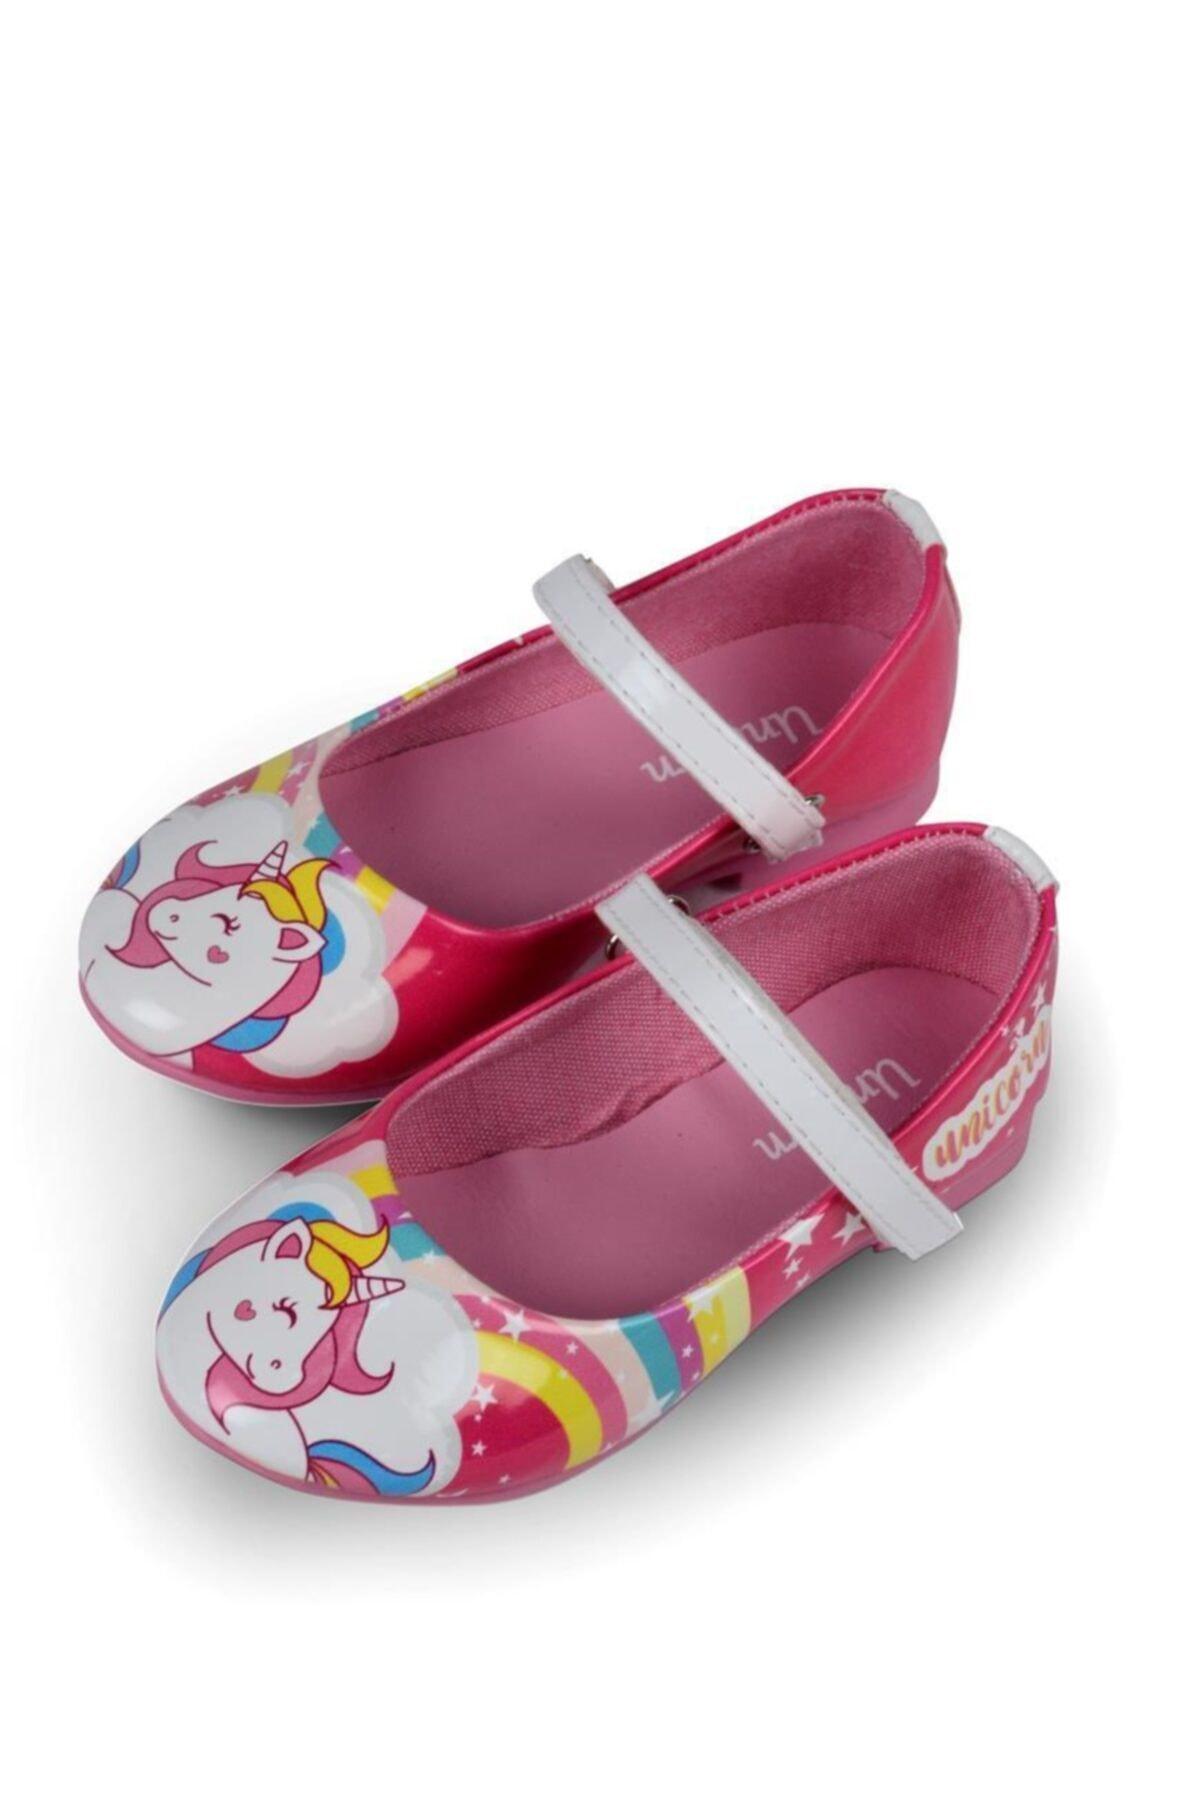 خرید اینترنتی کفش تخت  برند UNICORN رنگ صورتی ty48593428